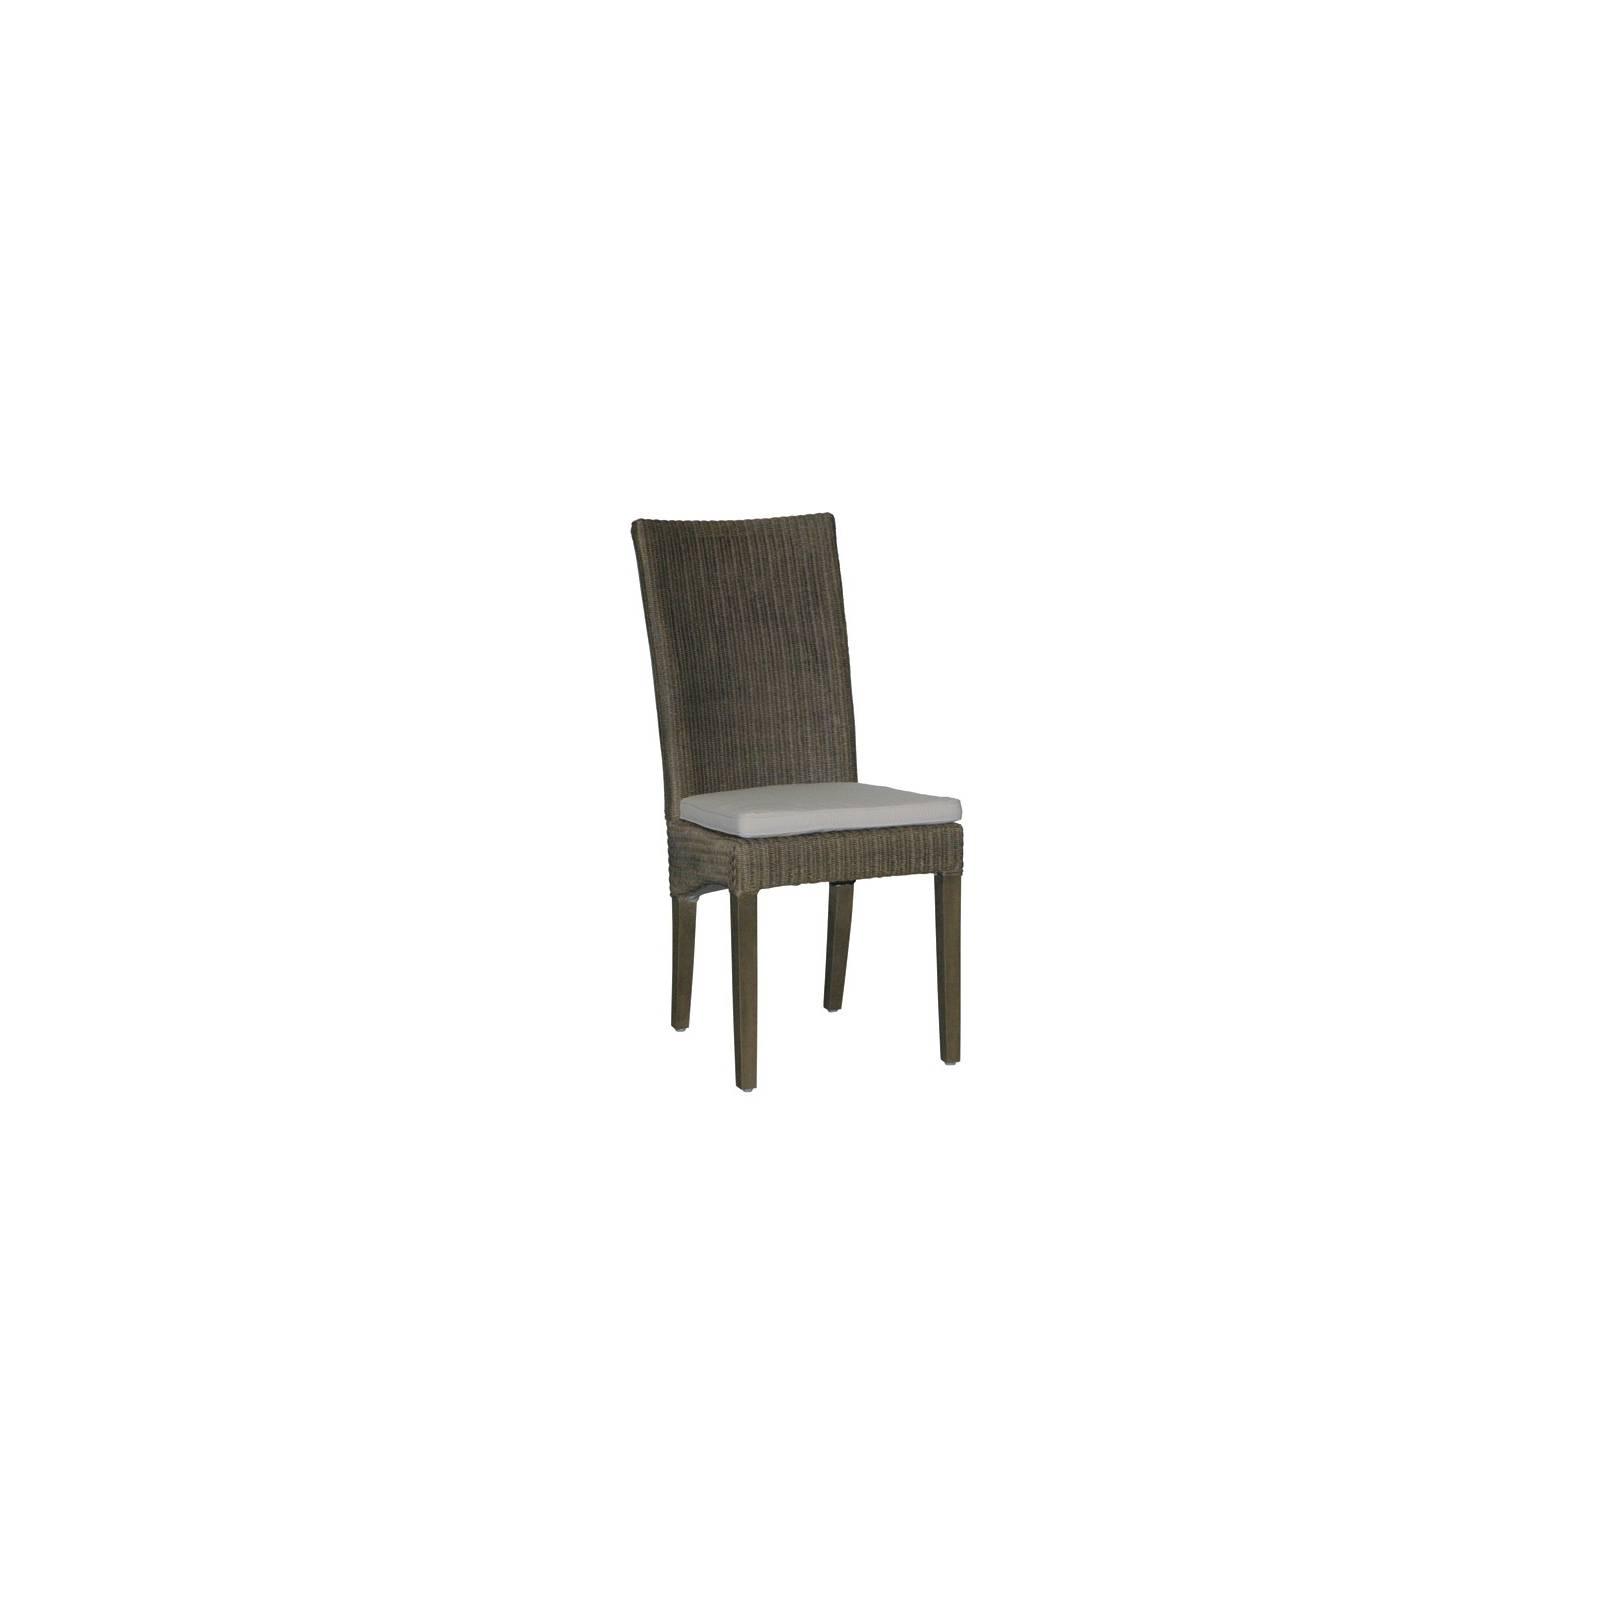 Chaise Lloyd Loom Clarckson - vente de chaises